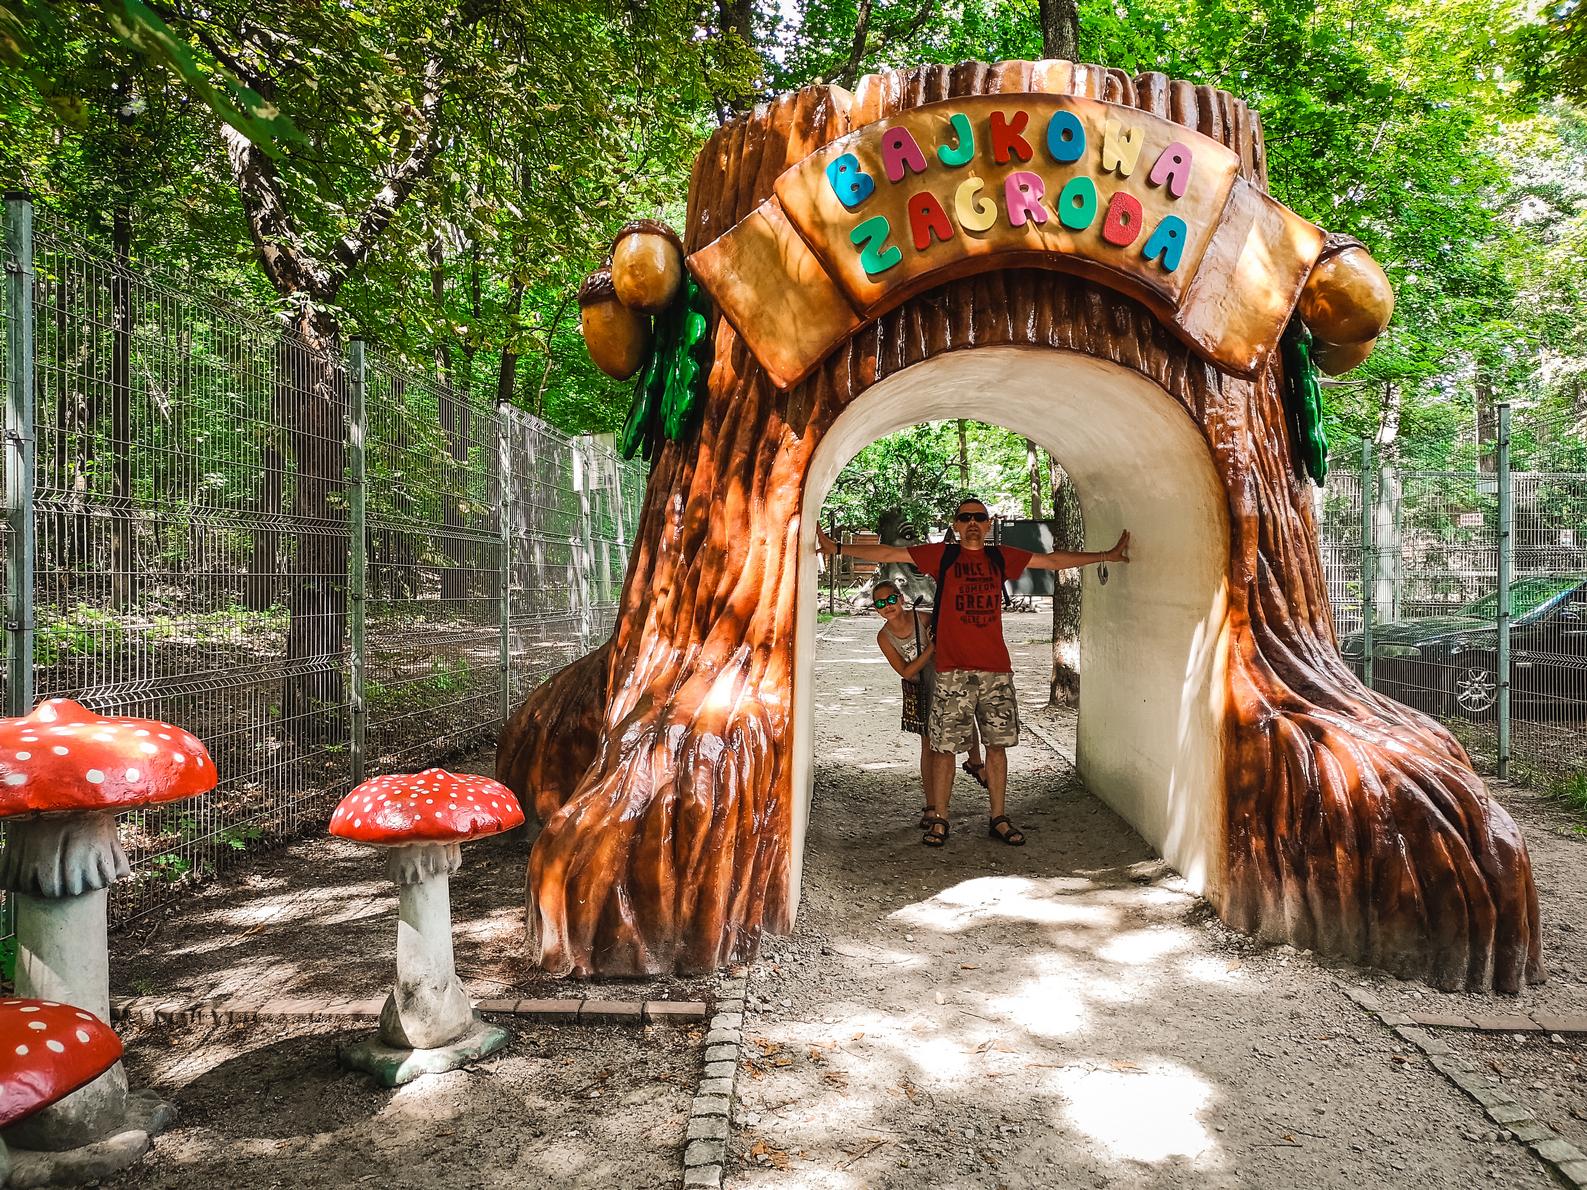 Pomysł na jednodniową wycieczkę, czyli Zielona Góra dla dzieci i dorosłych